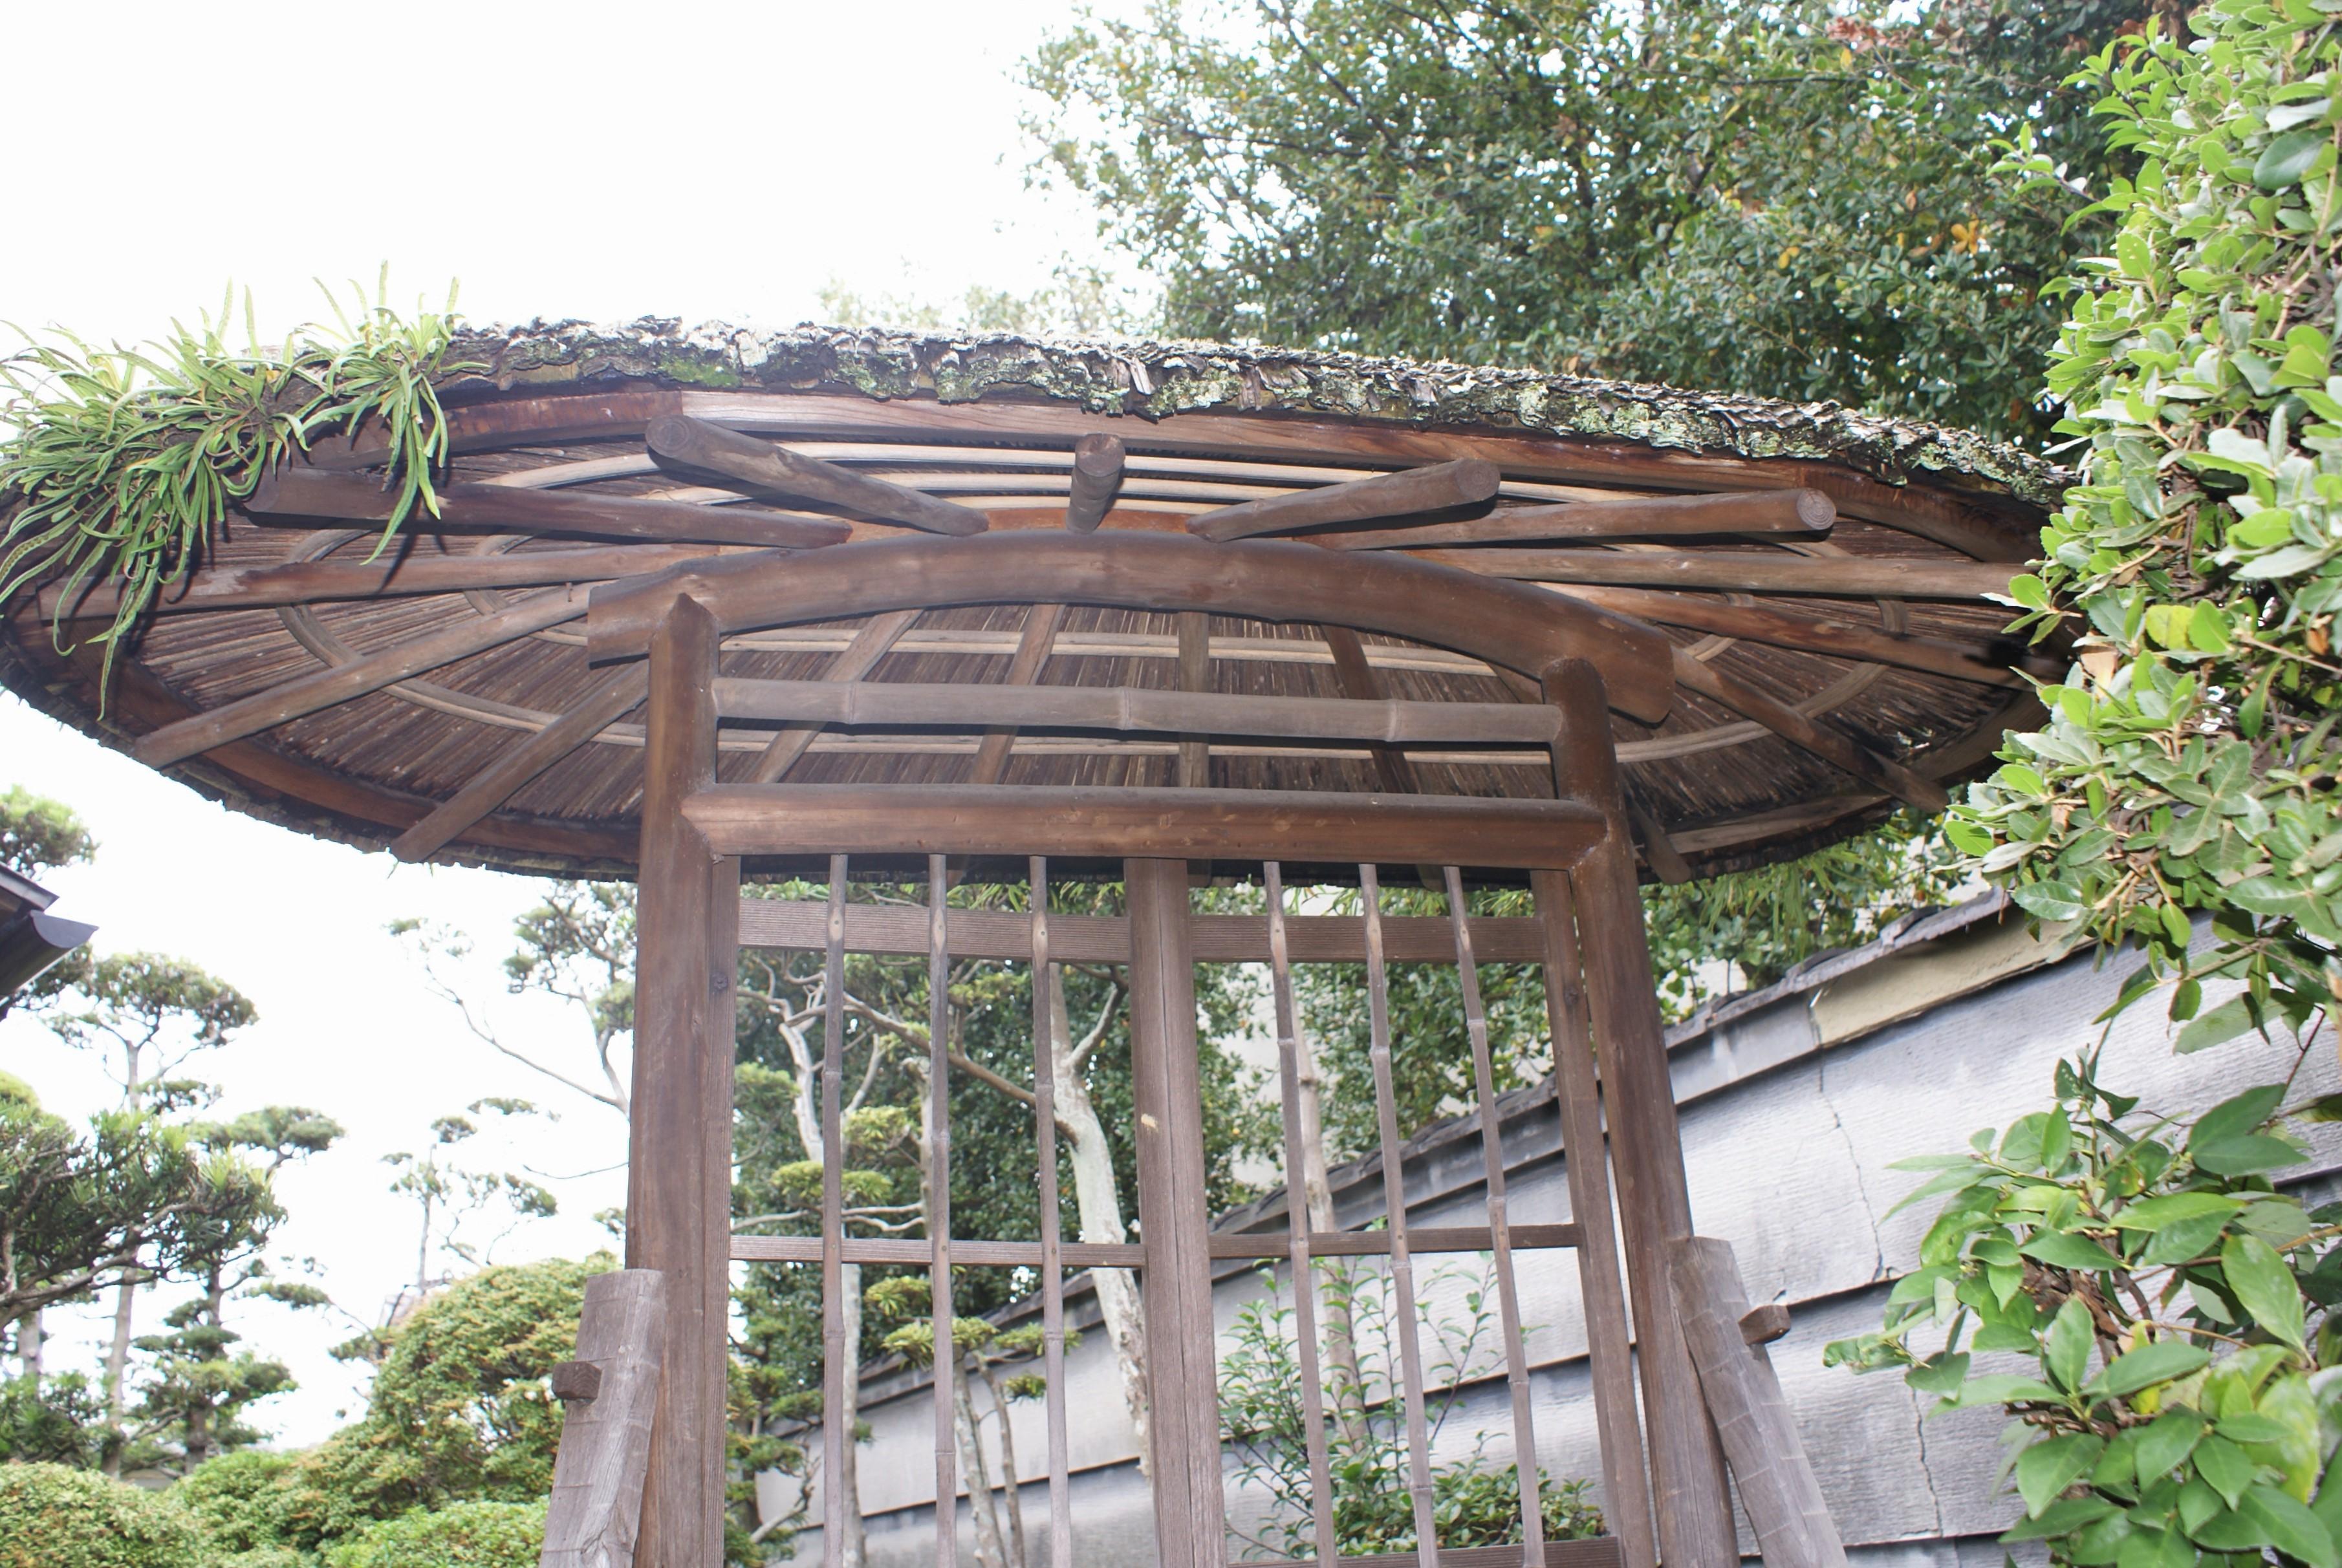 <p>編笠門見上げ</p>丸太柱に根曲りのナグリ材の控柱、竹簀戸を両開きに吊る。屋根は楕円平面で放射線状に丸太垂木が伸びる。